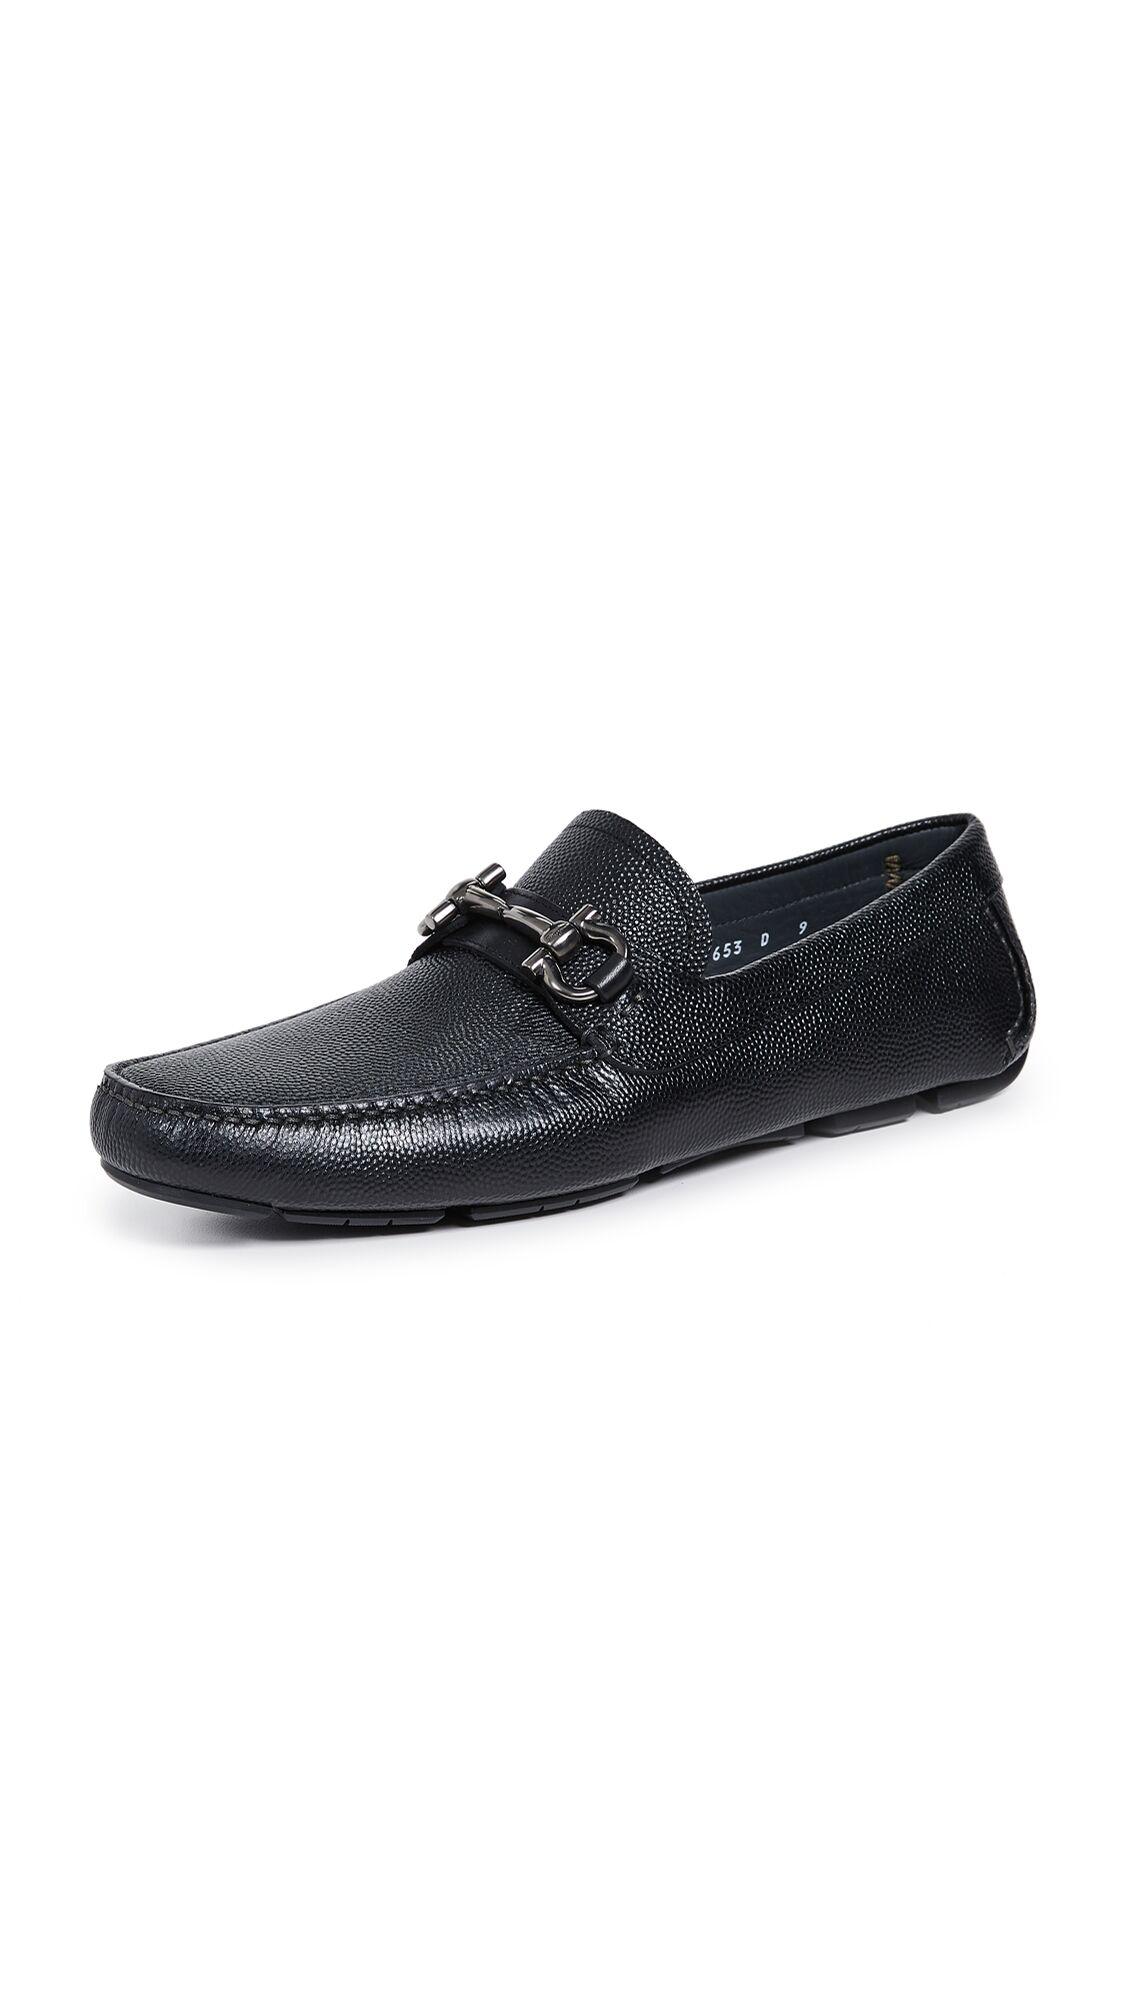 Salvatore Ferragamo Parigi Bit Driver Shoes - Black - Size: 9.5 D